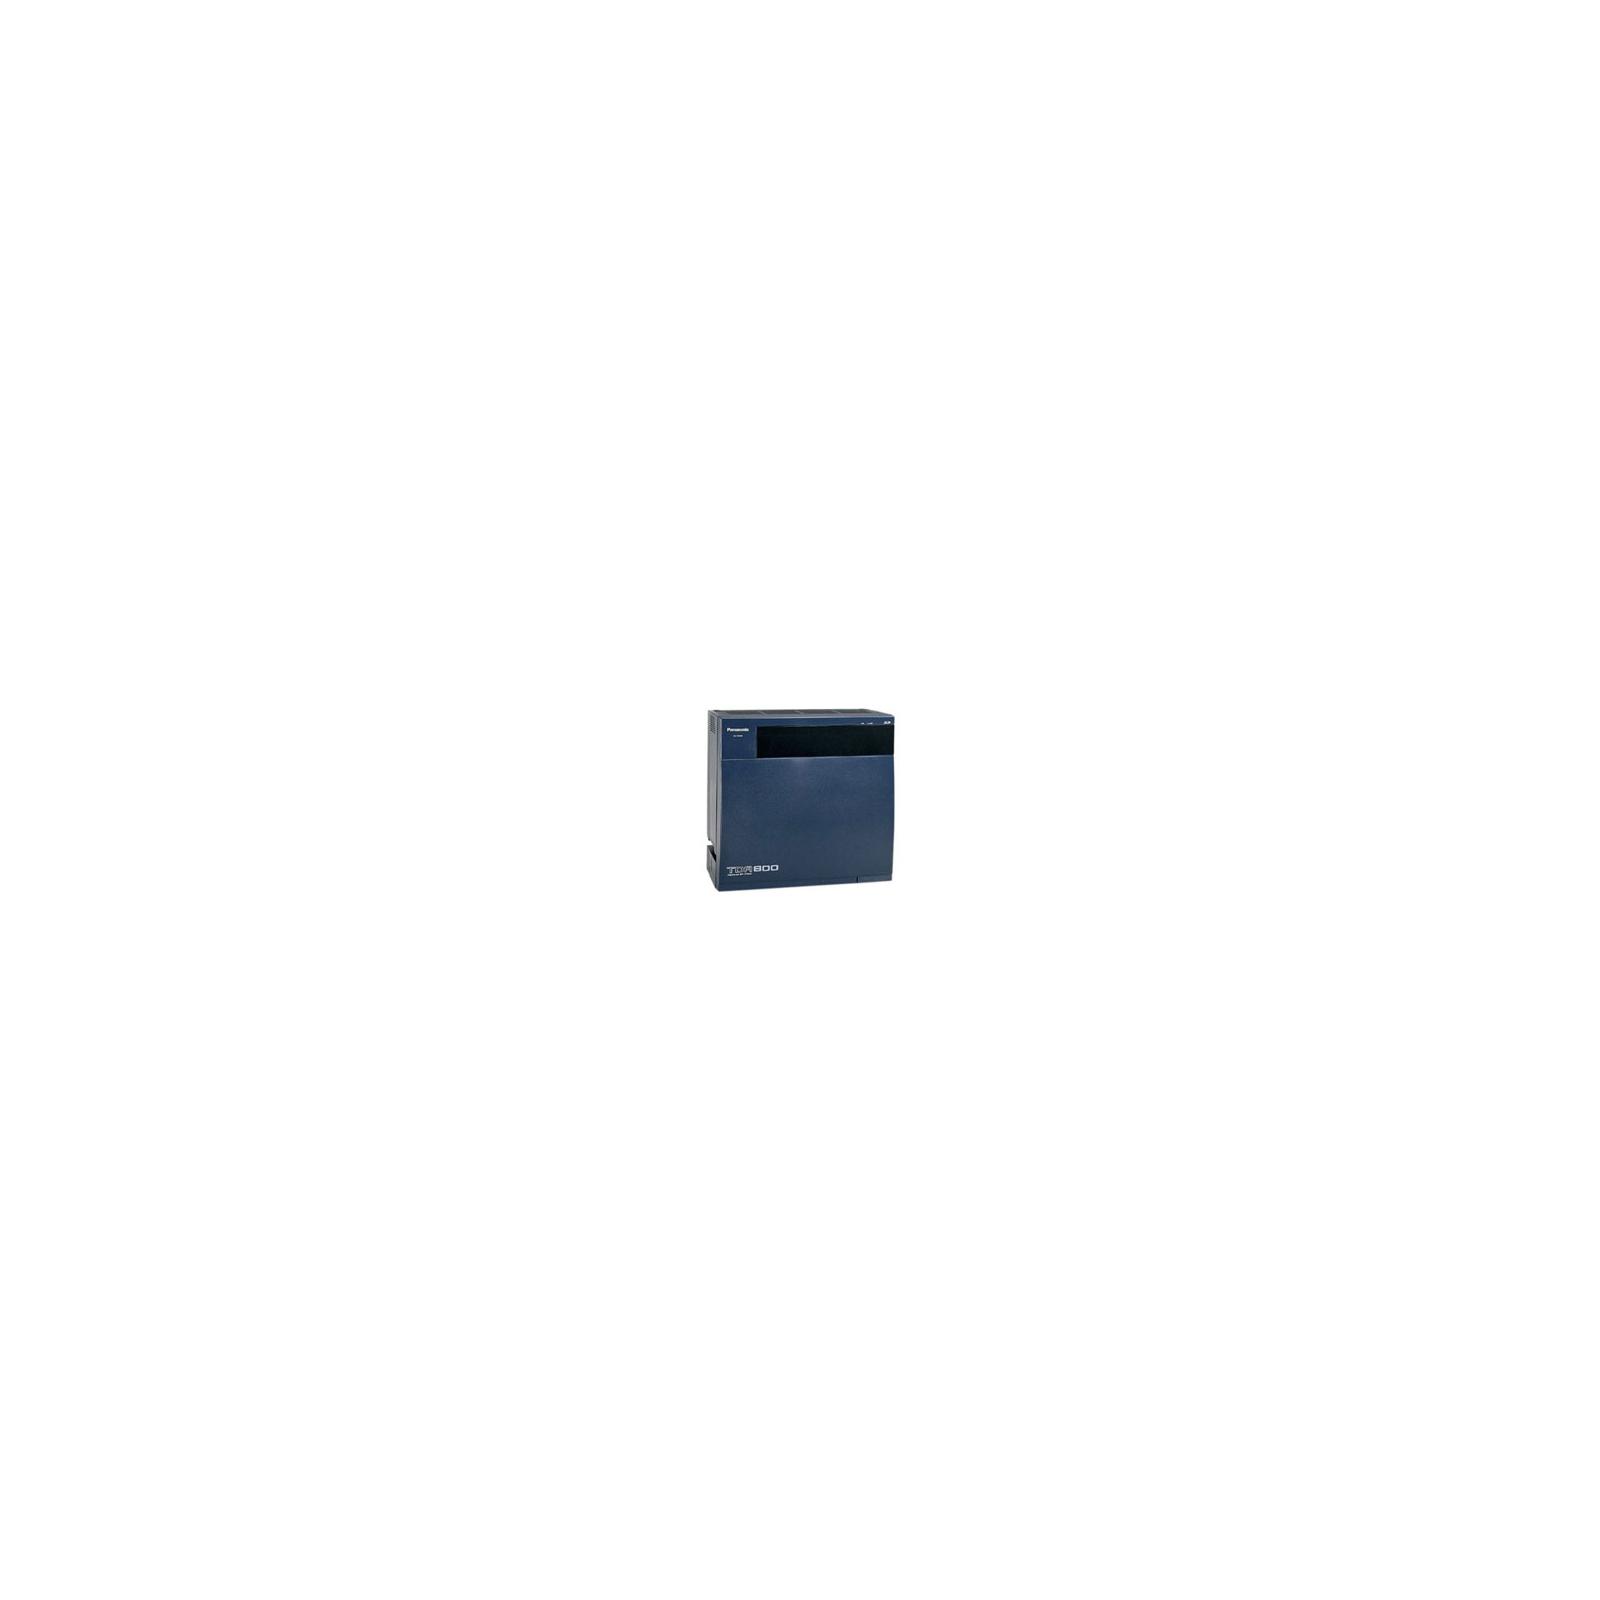 Мини-АТС KX-TDA600 PANASONIC (KX-TDA600RU)